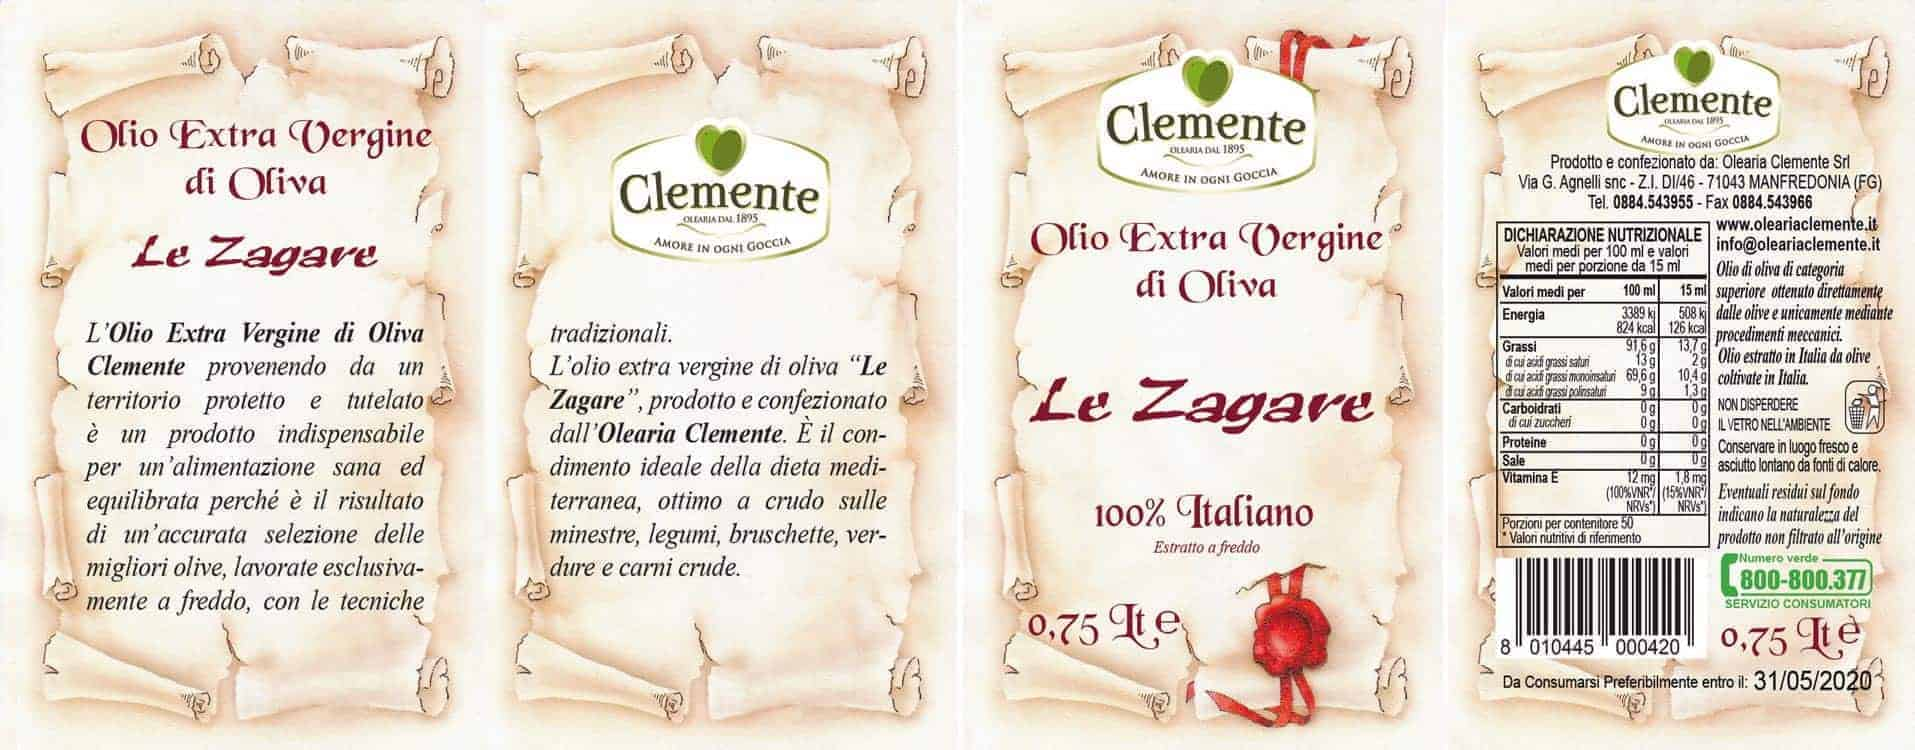 Anfora Le Zagare 100% Italiano 750ml - Etichetta